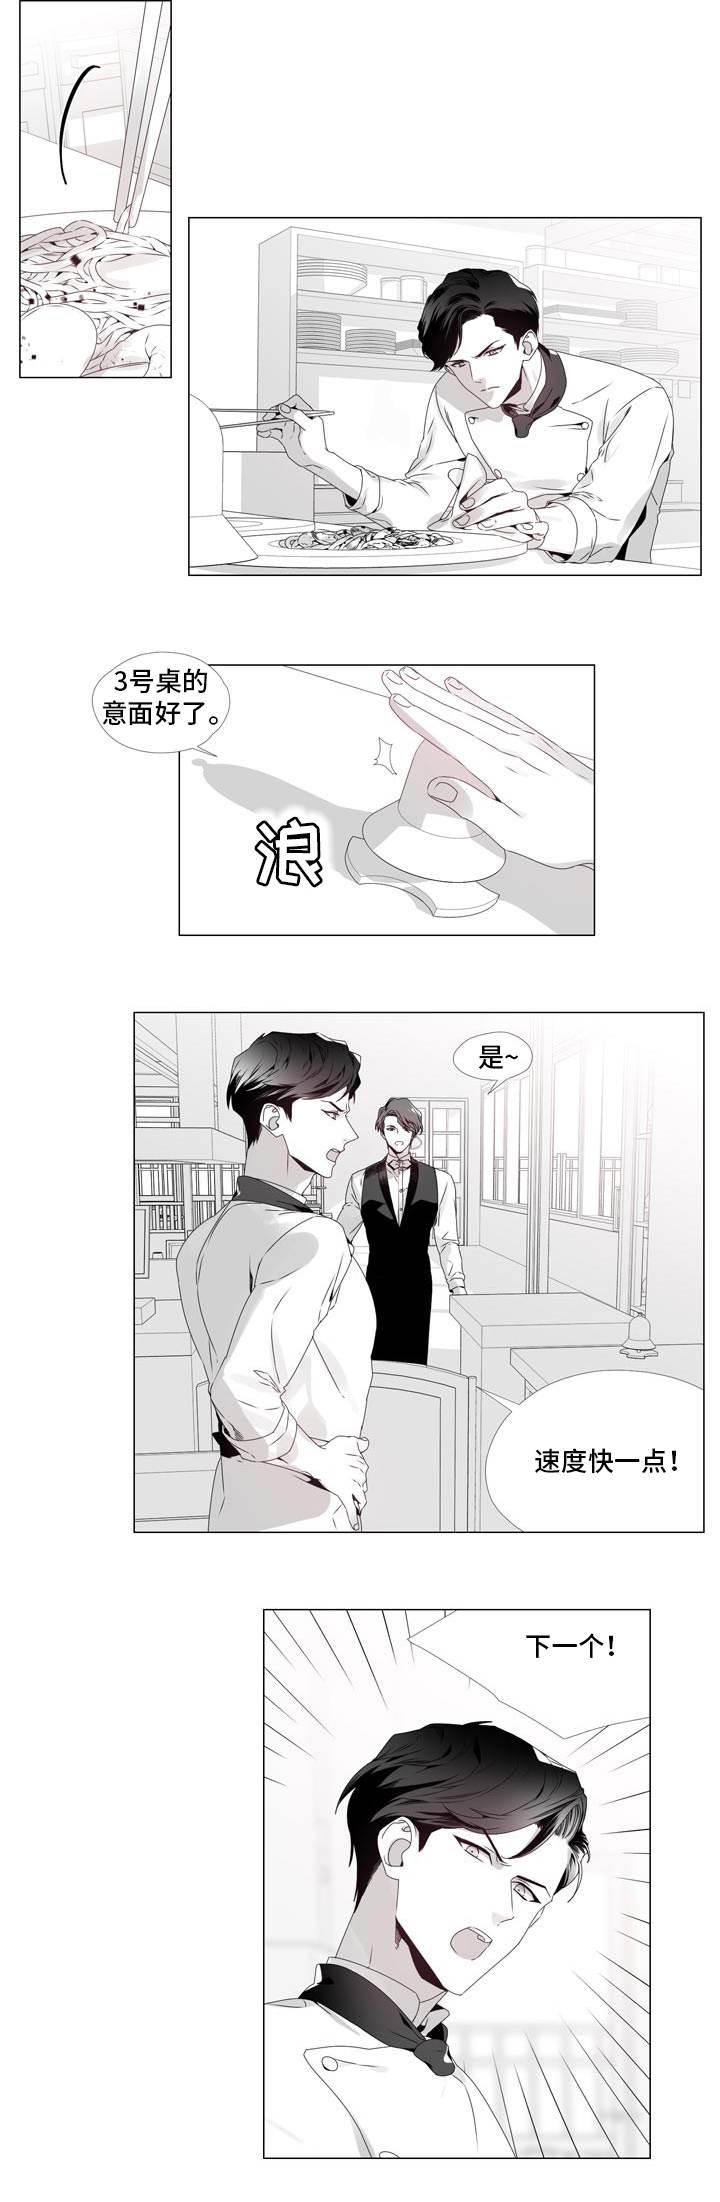 恶评专家-漫画连载汉化版 更新至19话 在线阅读-啵乐漫画